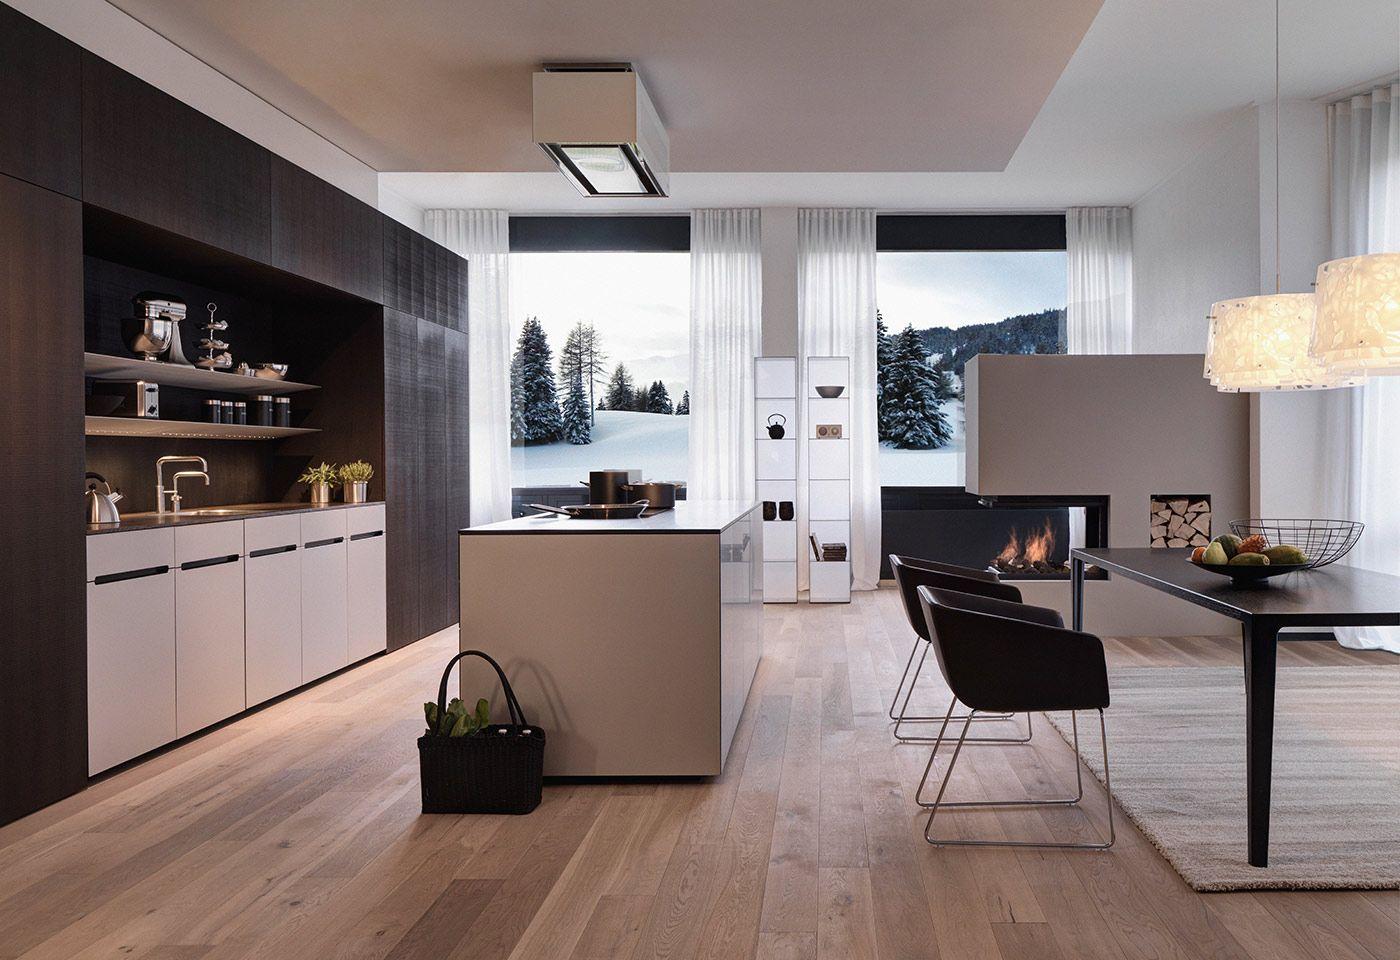 Die freistehende Kochinsel als Raumtrenner zwischen Küche und